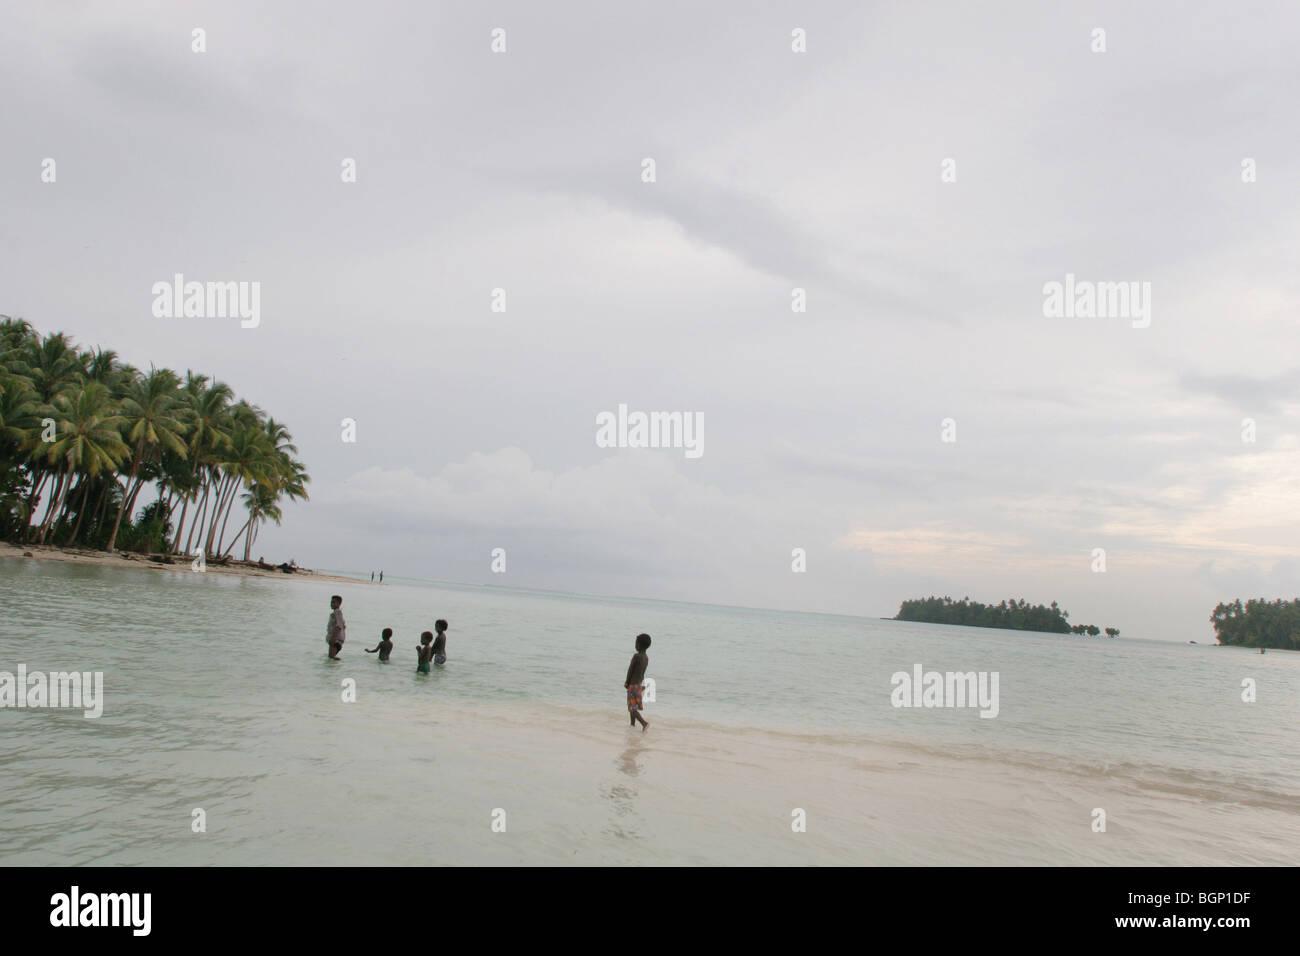 Bambini da Iolasa Isola a piedi su un poco profondo banco di sabbia, Carterets Atoll, Papua Nuova Guinea Immagini Stock